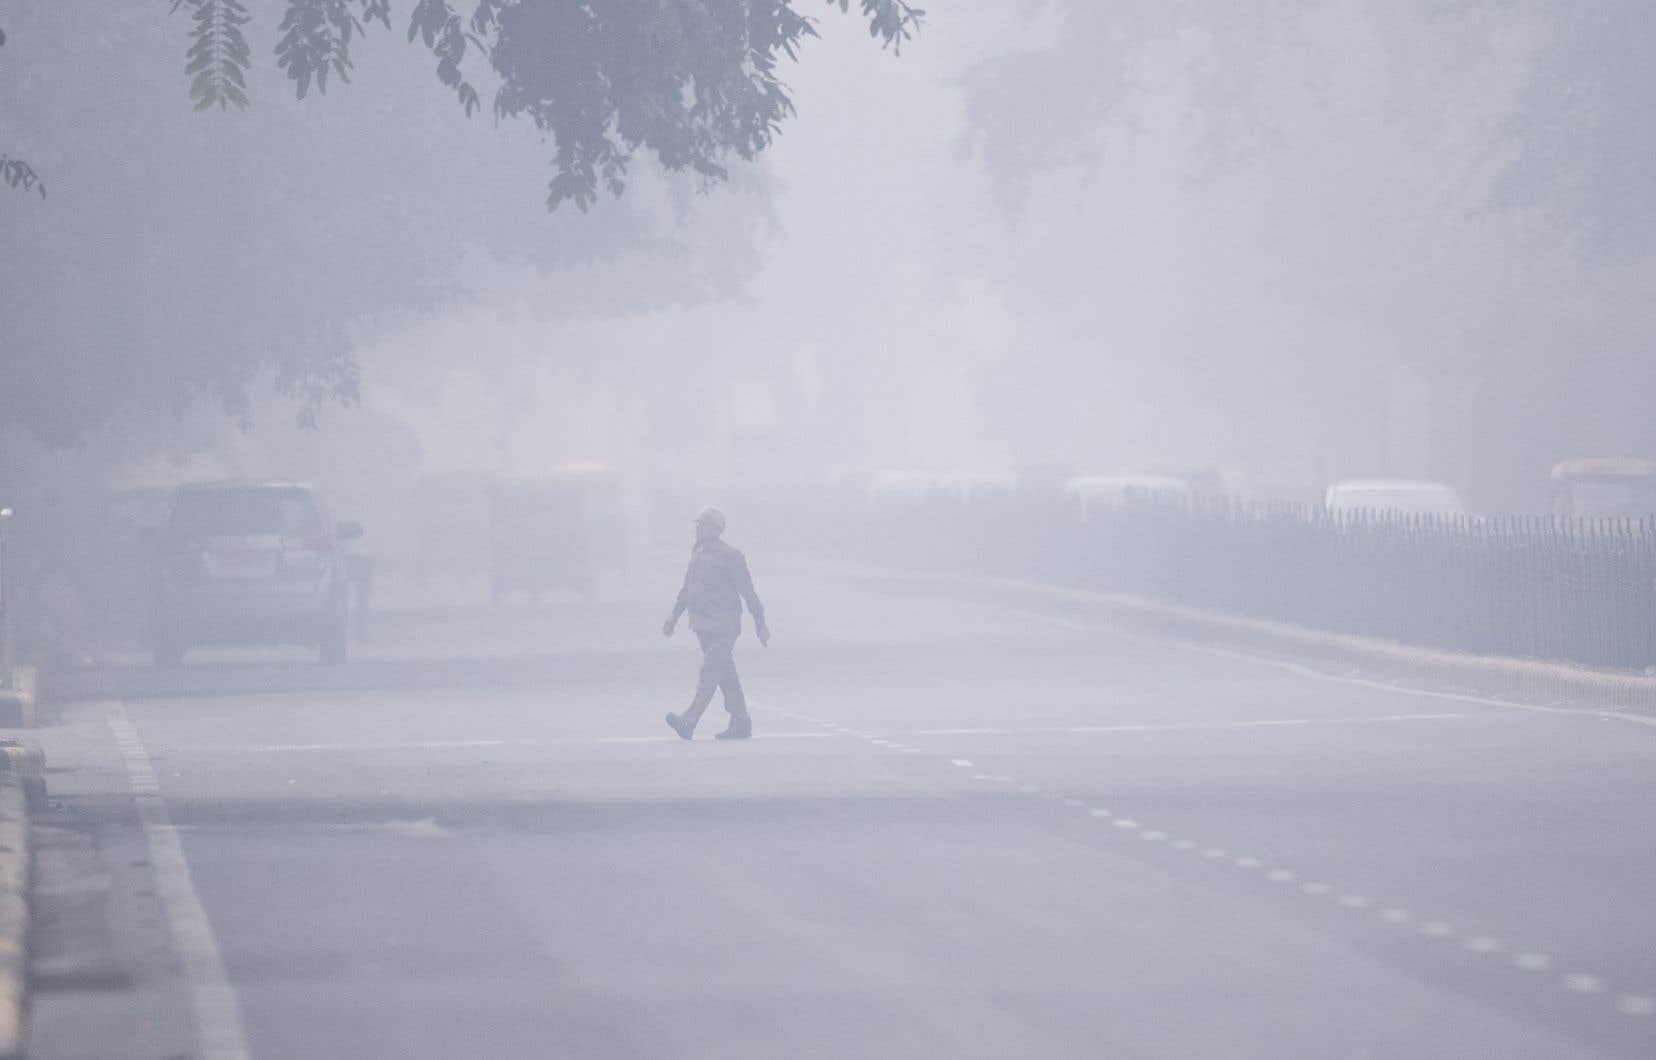 Lundi matin, une brume nauséabonde et écoeurante emprisonnait toujours la capitale indienne, cachant les bâtiments, s'immisçant dans les foyers, les bureaux et même les galeries souterraines du métro.